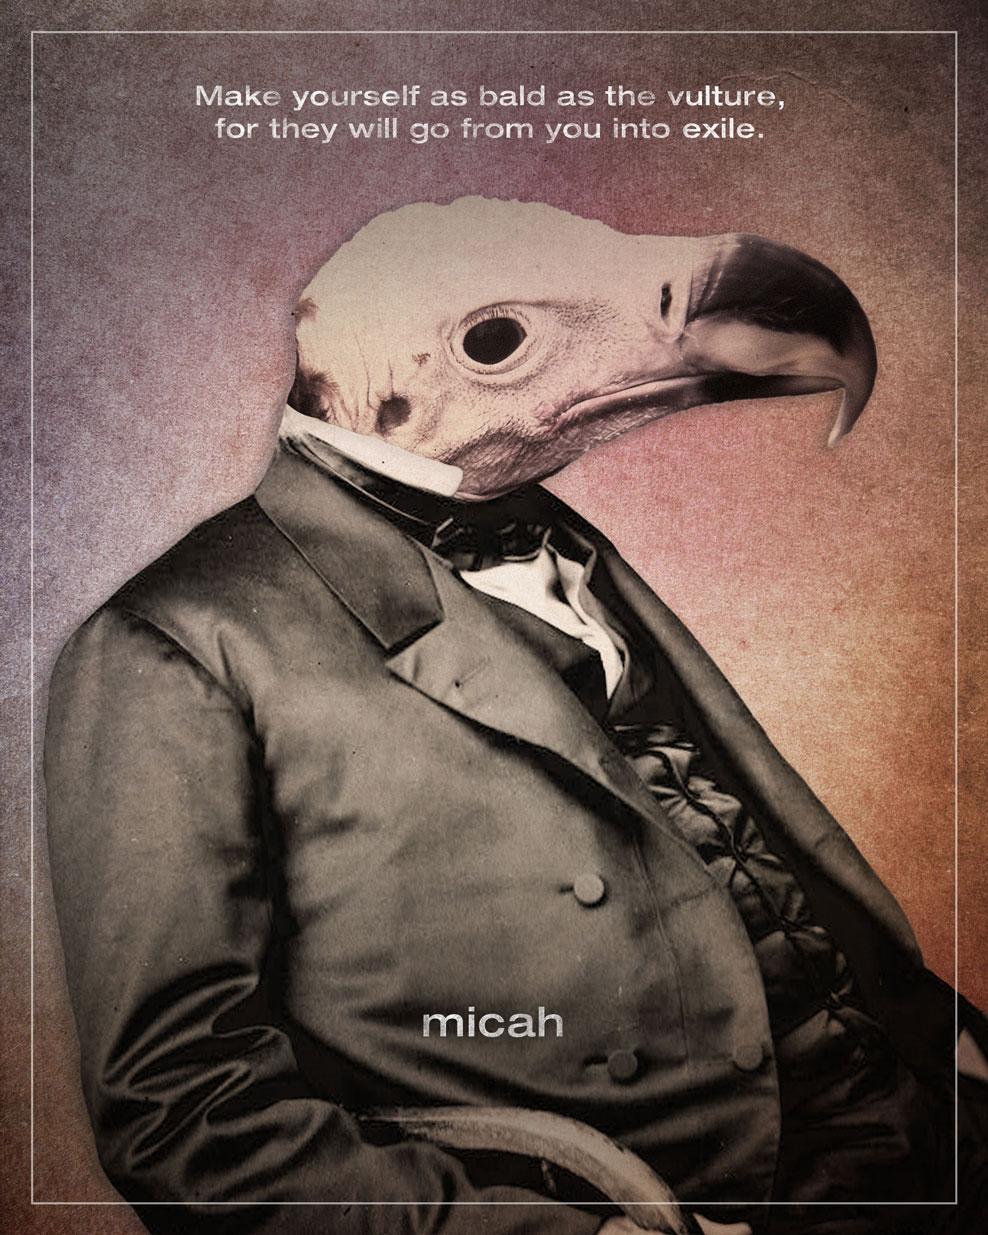 33-Micah-01_988.jpg